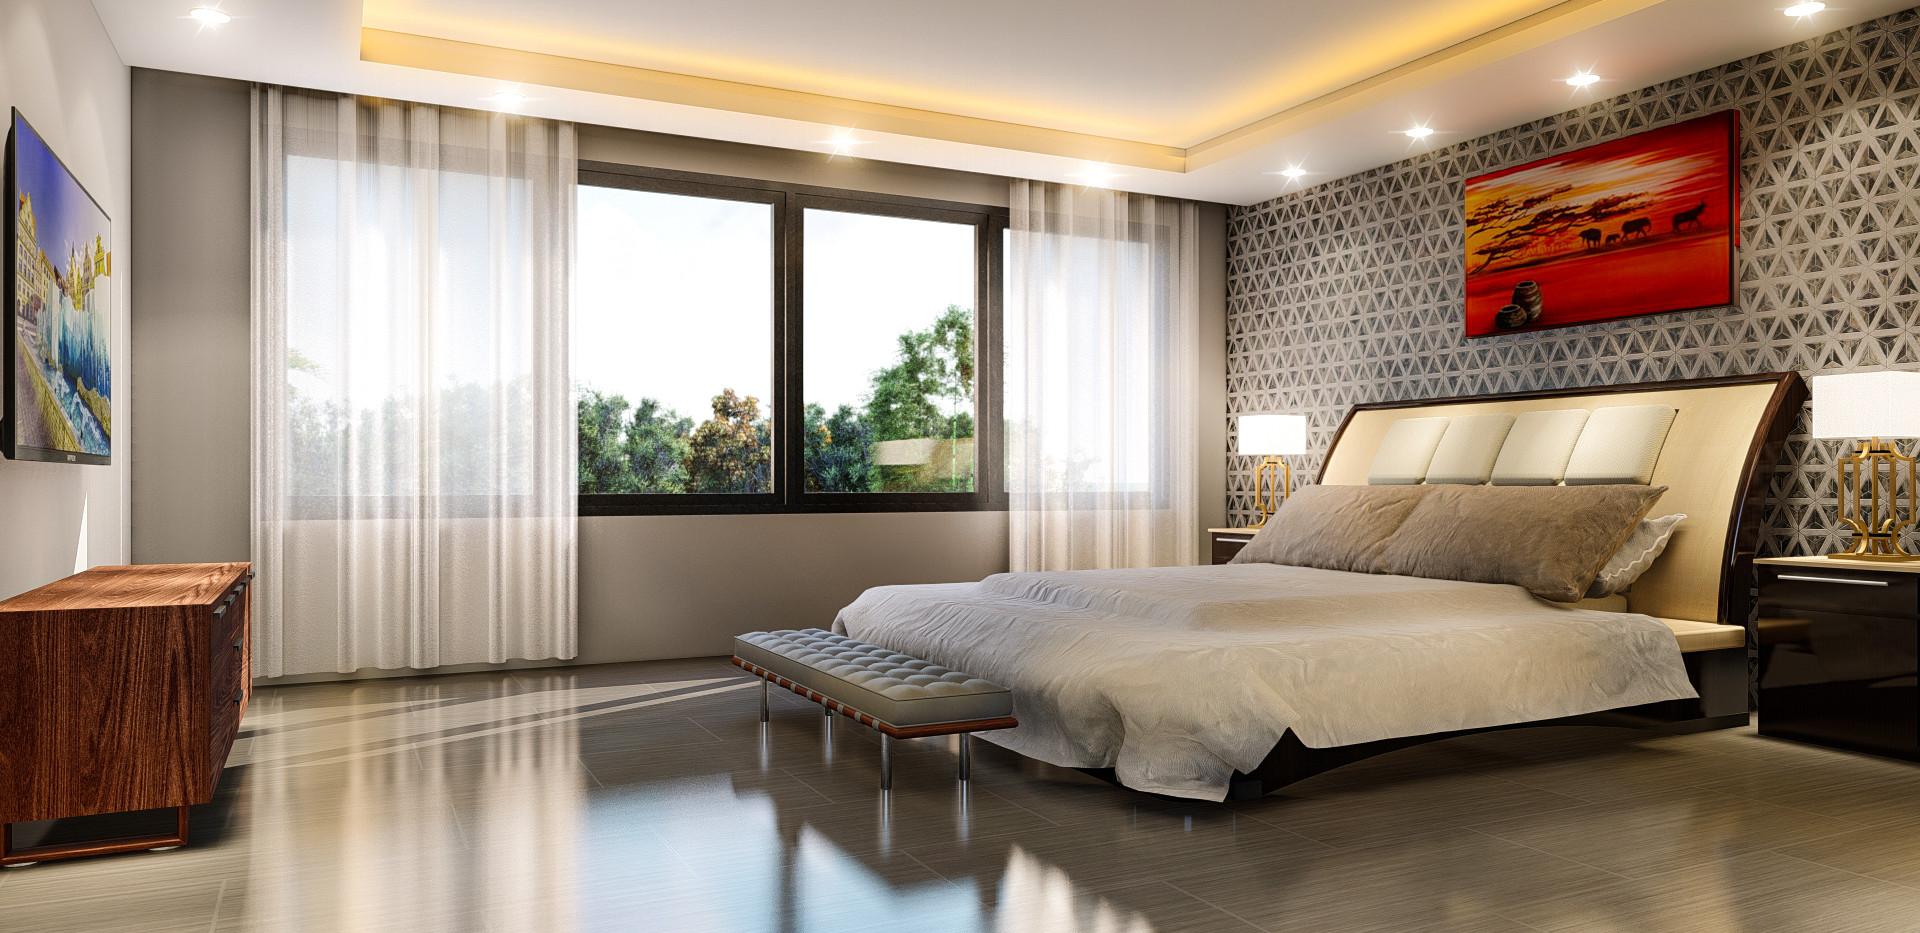 Rio House Render Bedroom 2b-.jpg